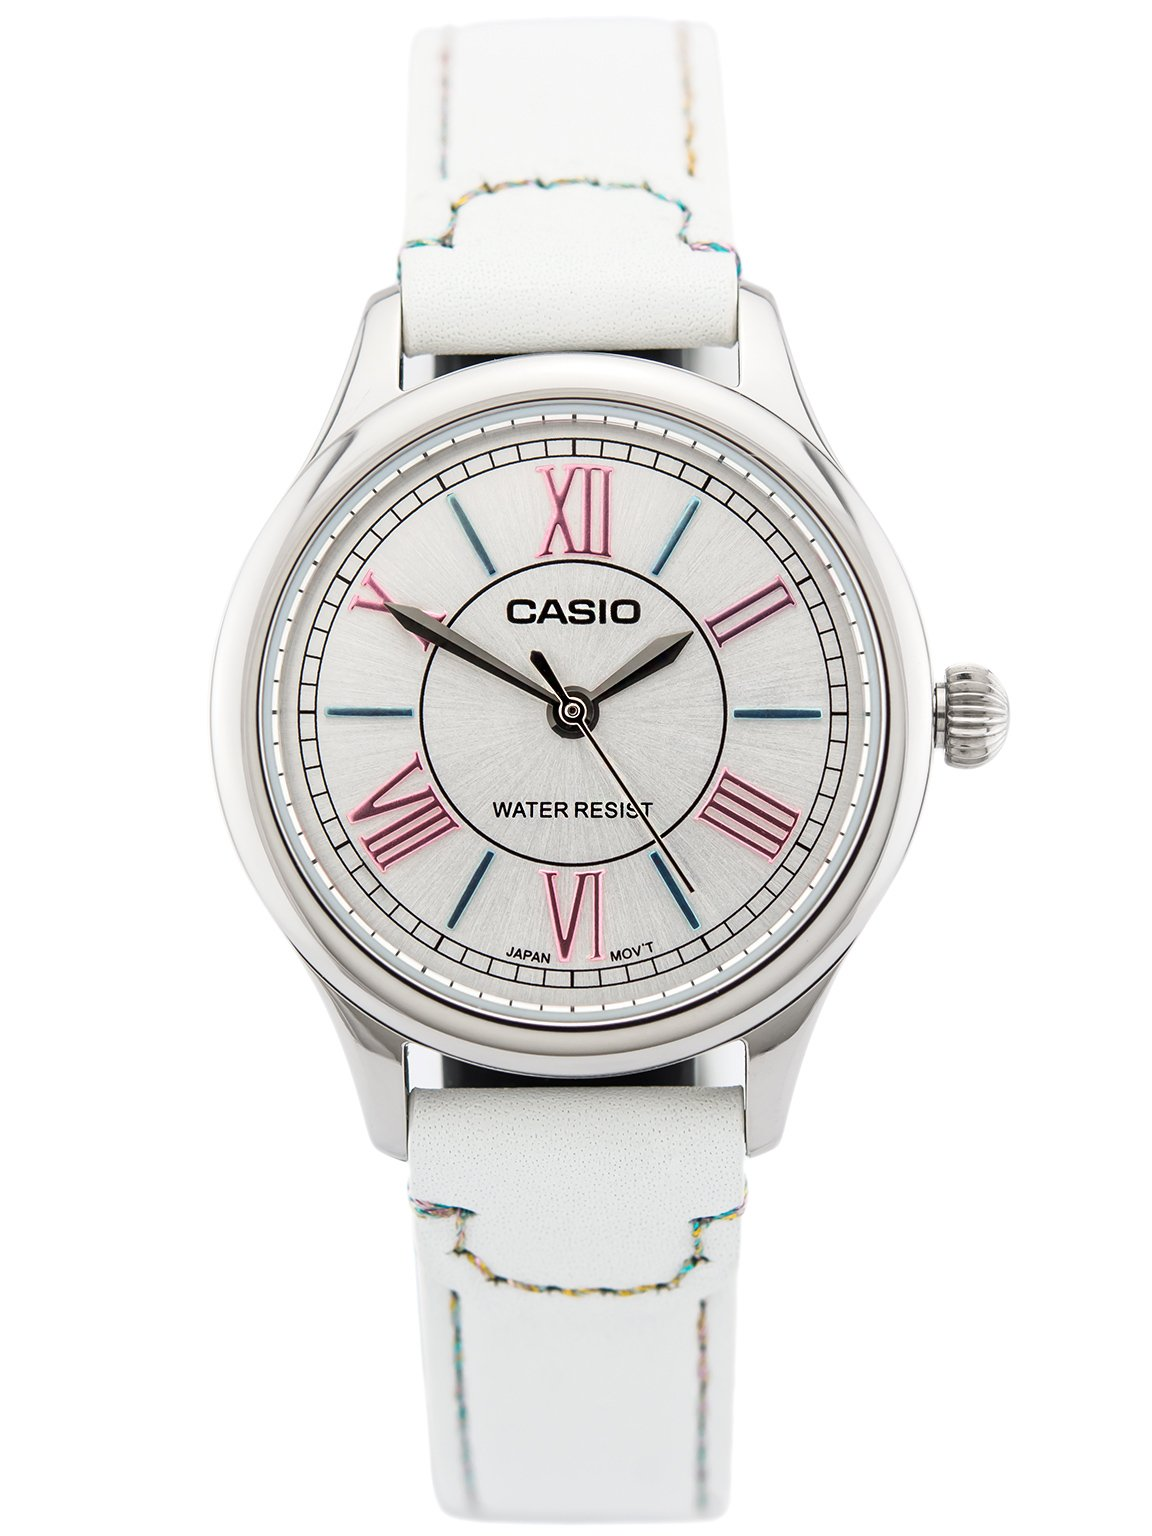 0466a34e384305 Zegarek damski CASIO LTP-E113L 7A 104,00 zł cena tanio najtaniej ...